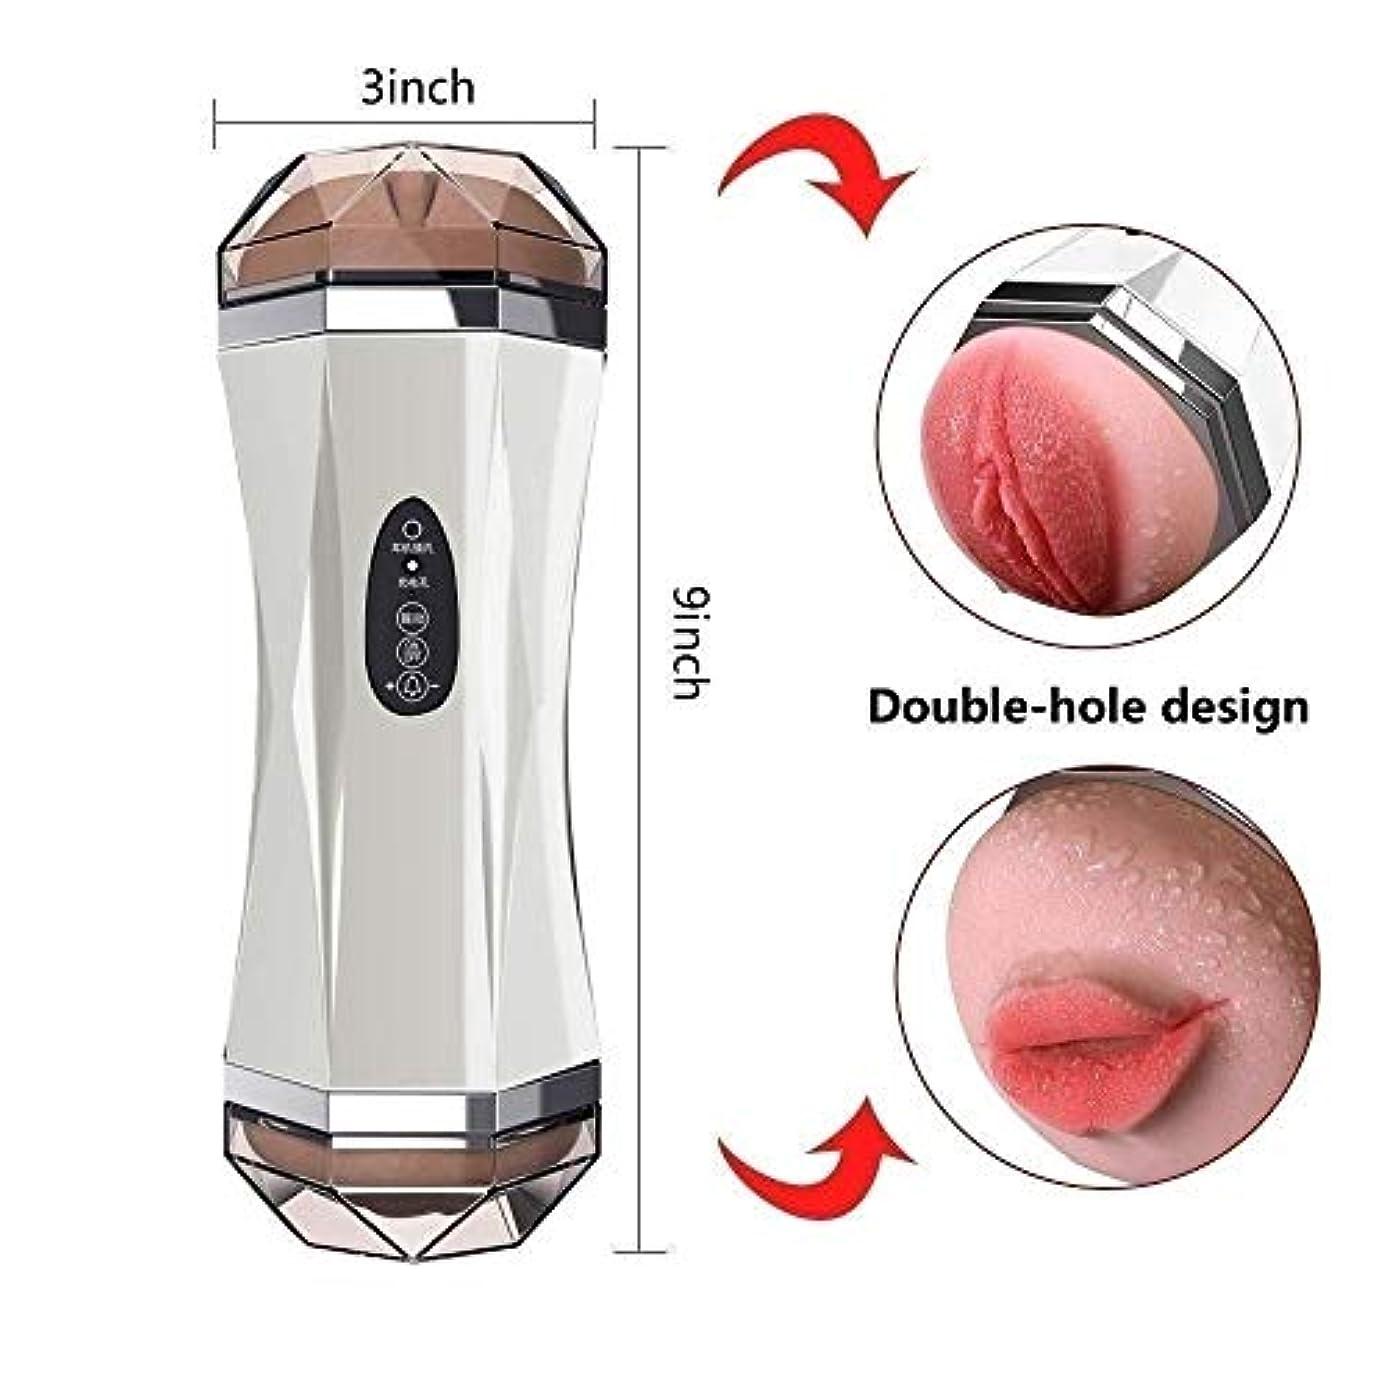 コンテスト科学中にRisareyi 強力な振動モードを備えた男性用自動吸盤2 in 1インテリジェントヘッドフォンモードマスタベーションデバイスUSB充電スポーツ用品